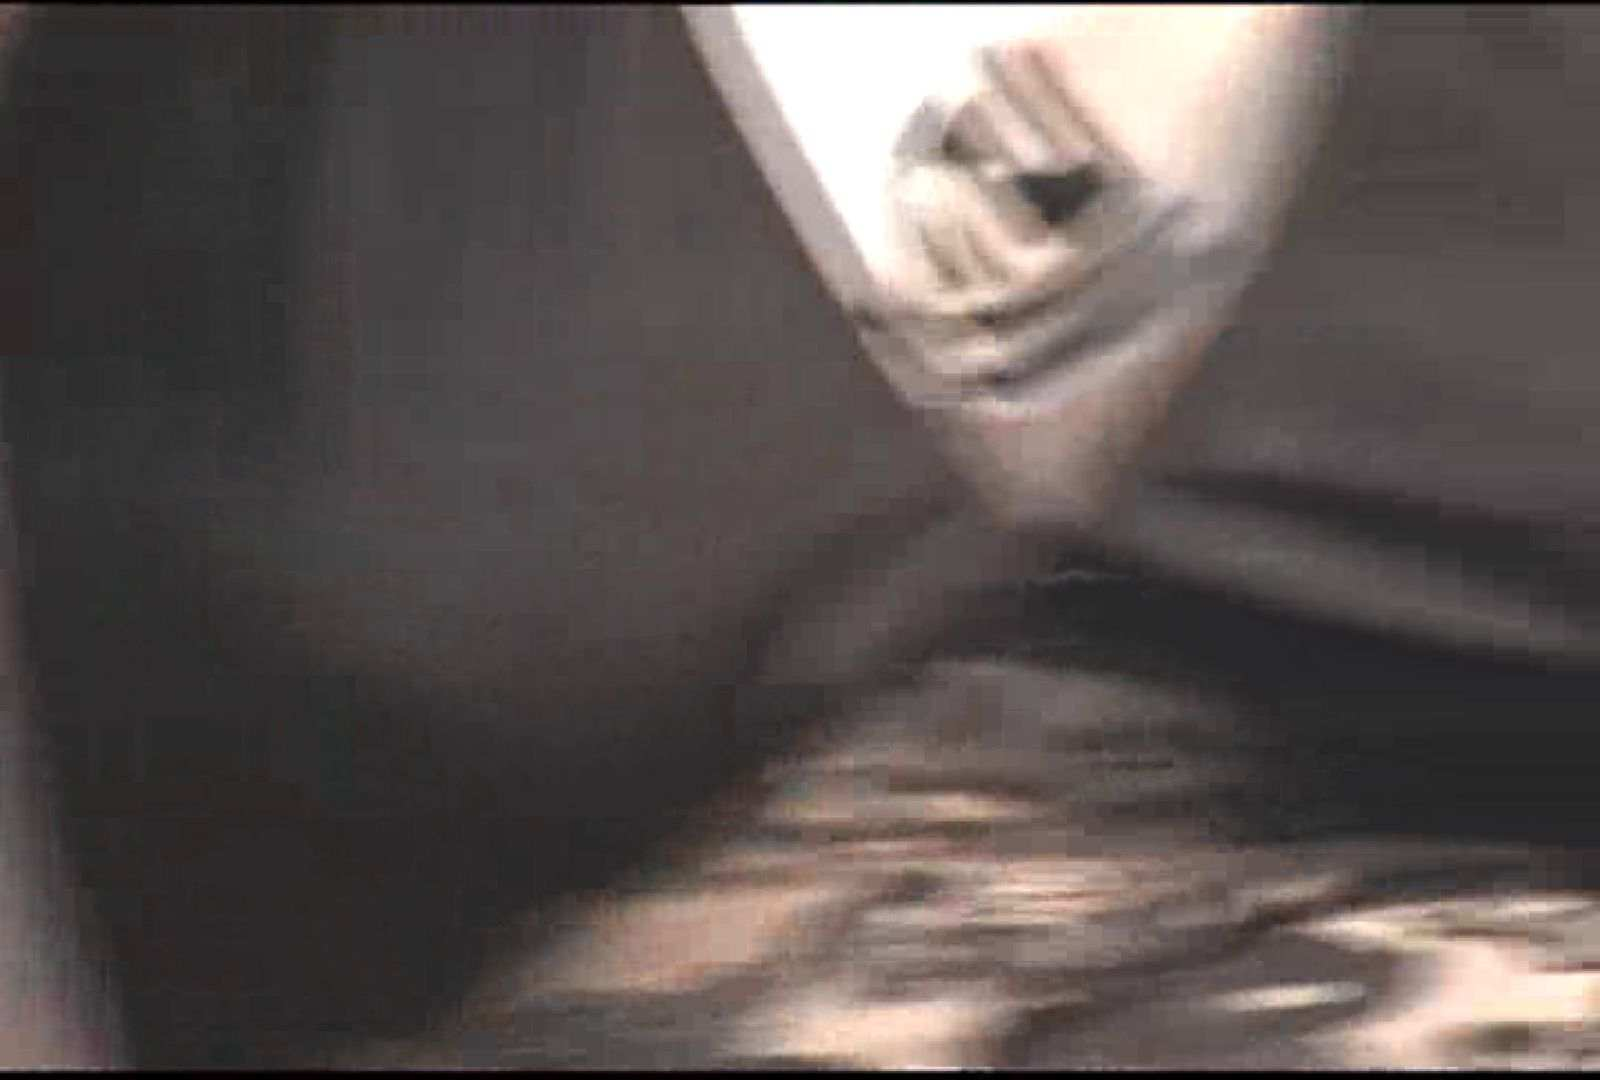 熱視線Vol.6 RQ チクビ AV無料動画キャプチャ 81画像 30